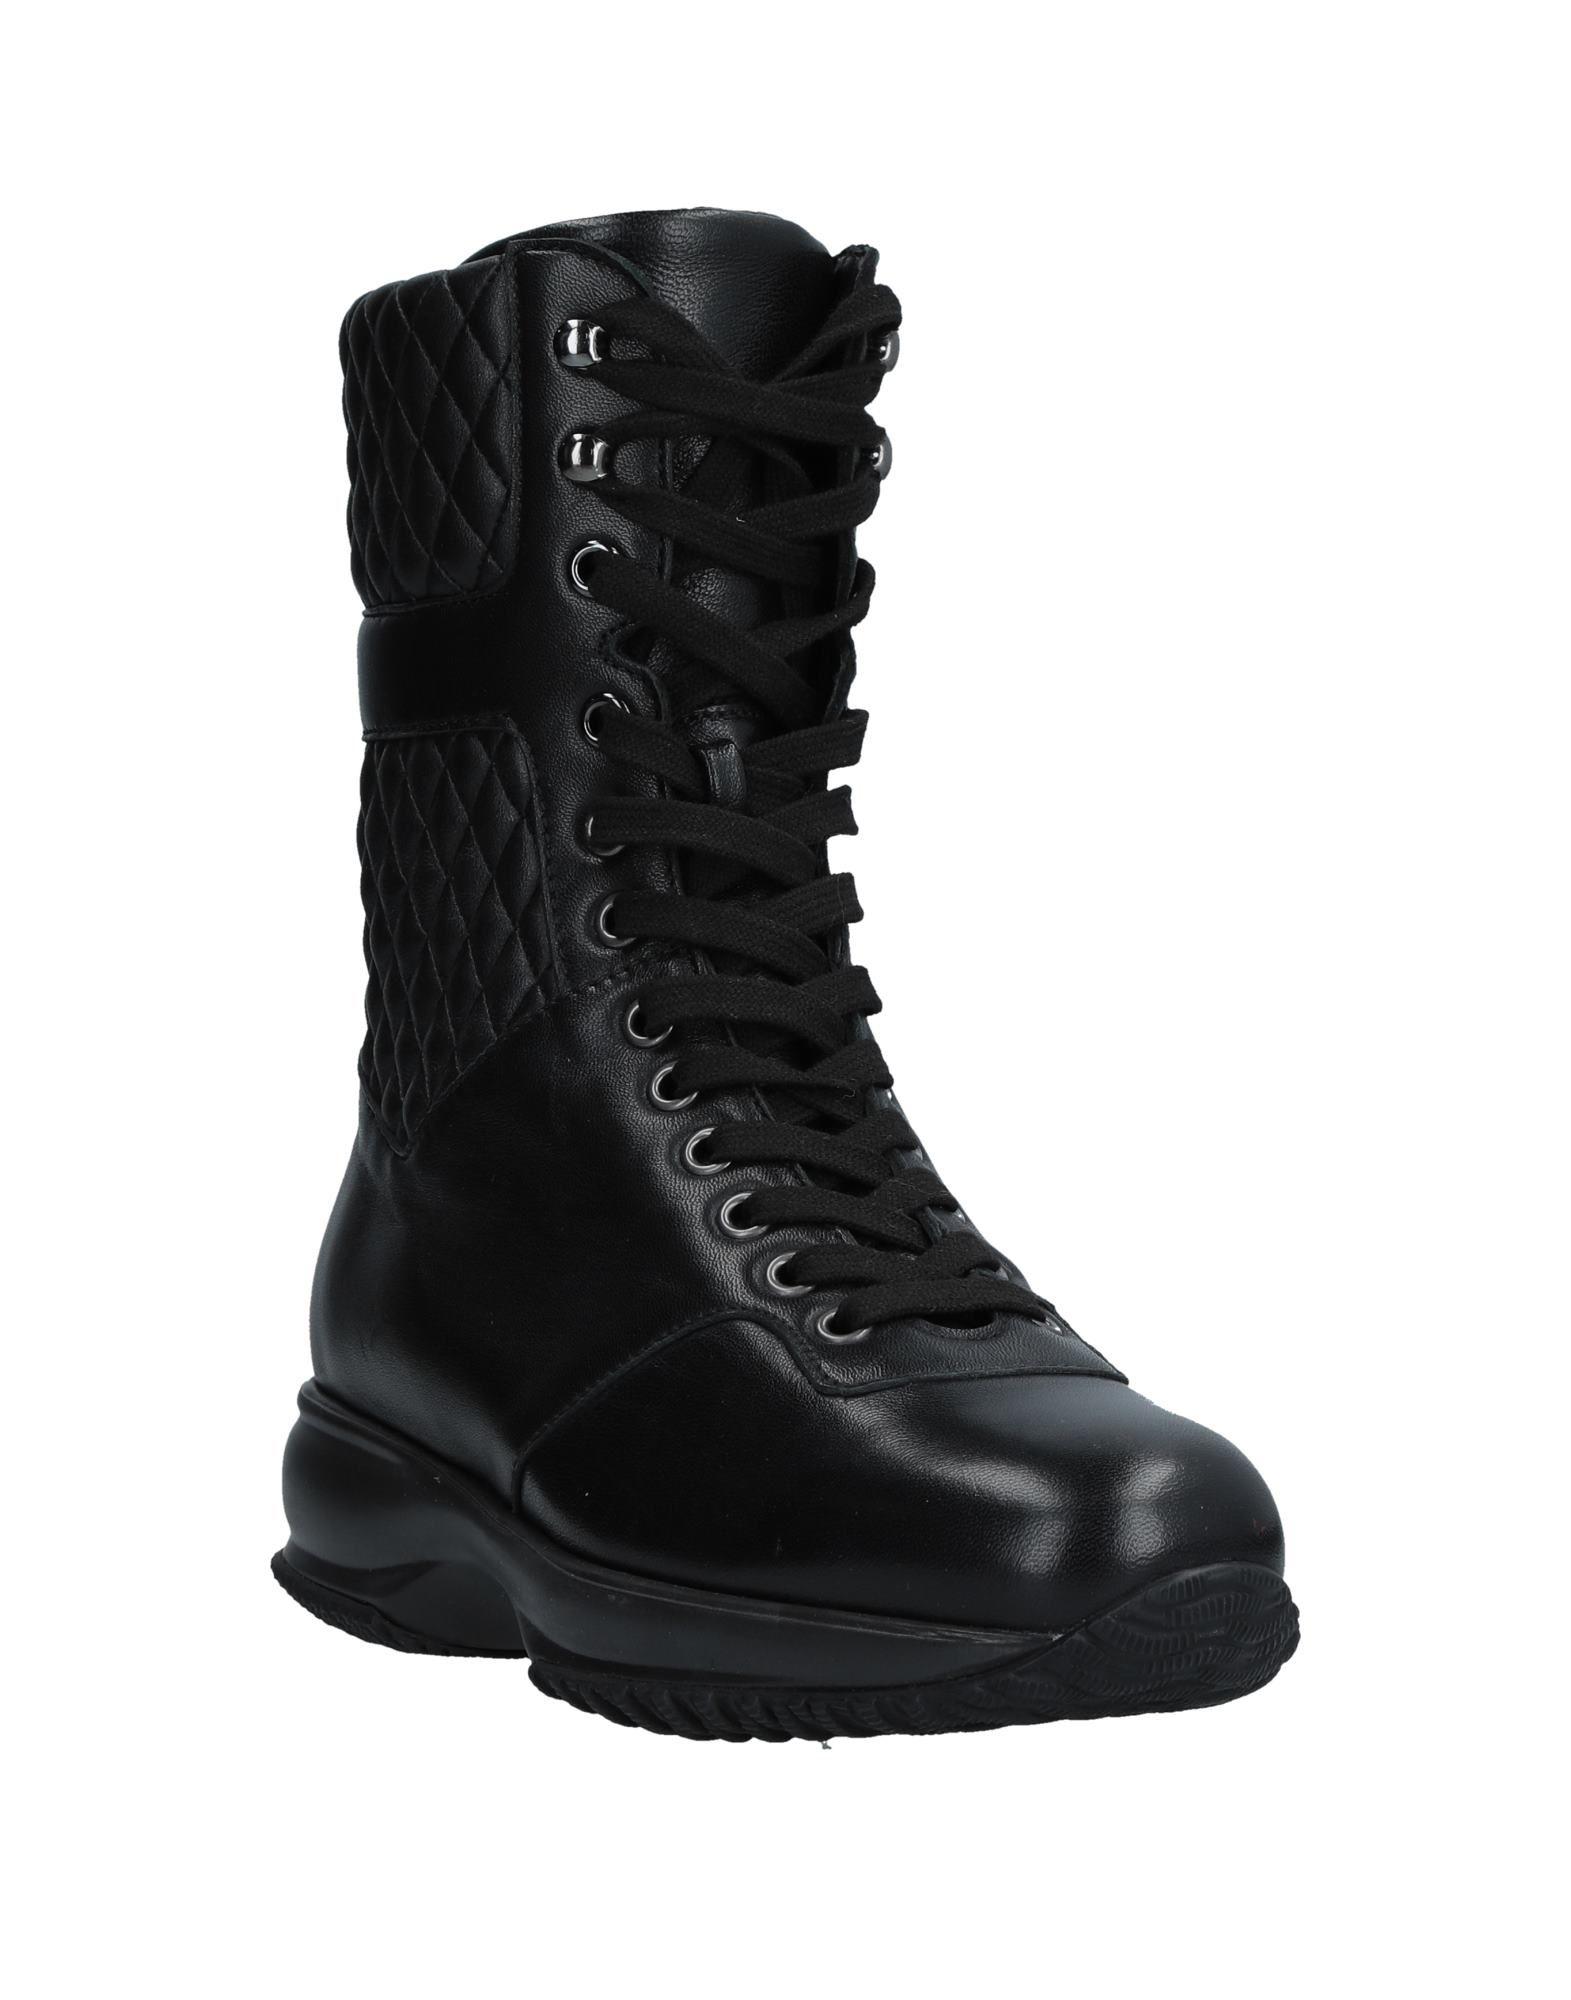 Rabatt Schuhe Hogan Damen Stiefelette Damen Hogan  11536960UW 45f3c6